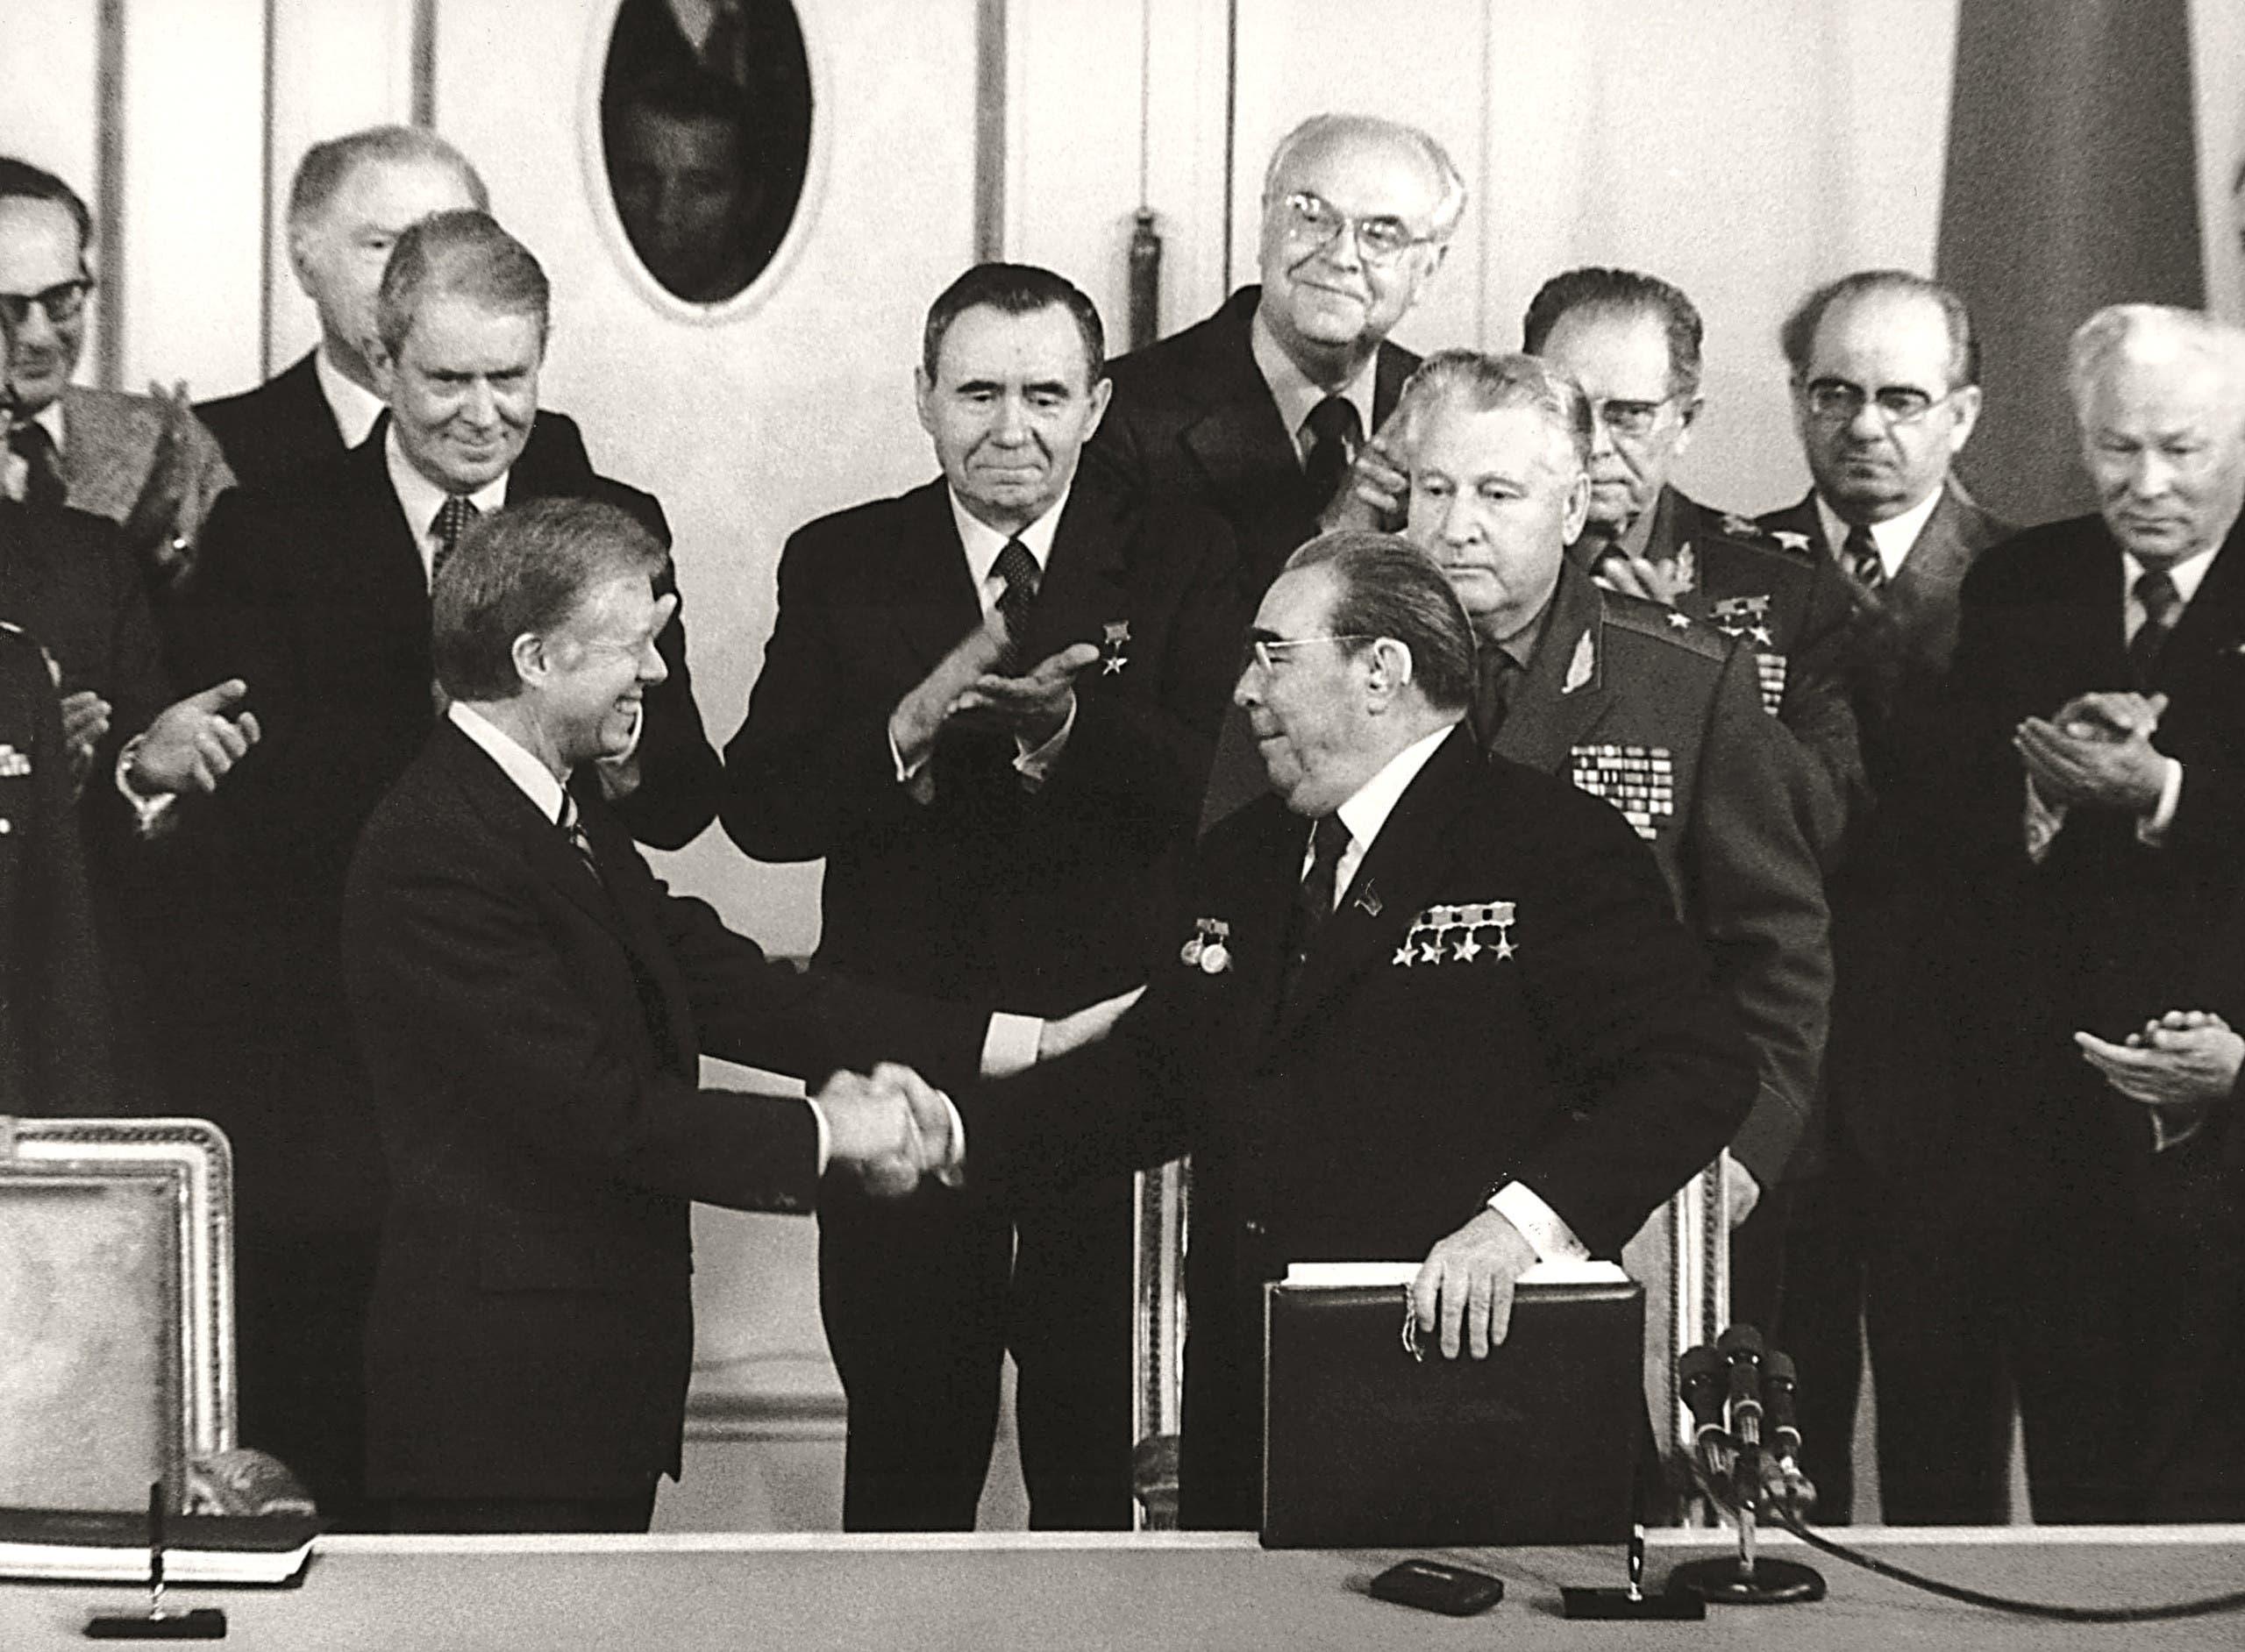 """توقيع معاهدة """"سالت 2"""" في يونيو 1979 بين ليونيد بريجنيف ودجيمي كارتر في النمسا"""